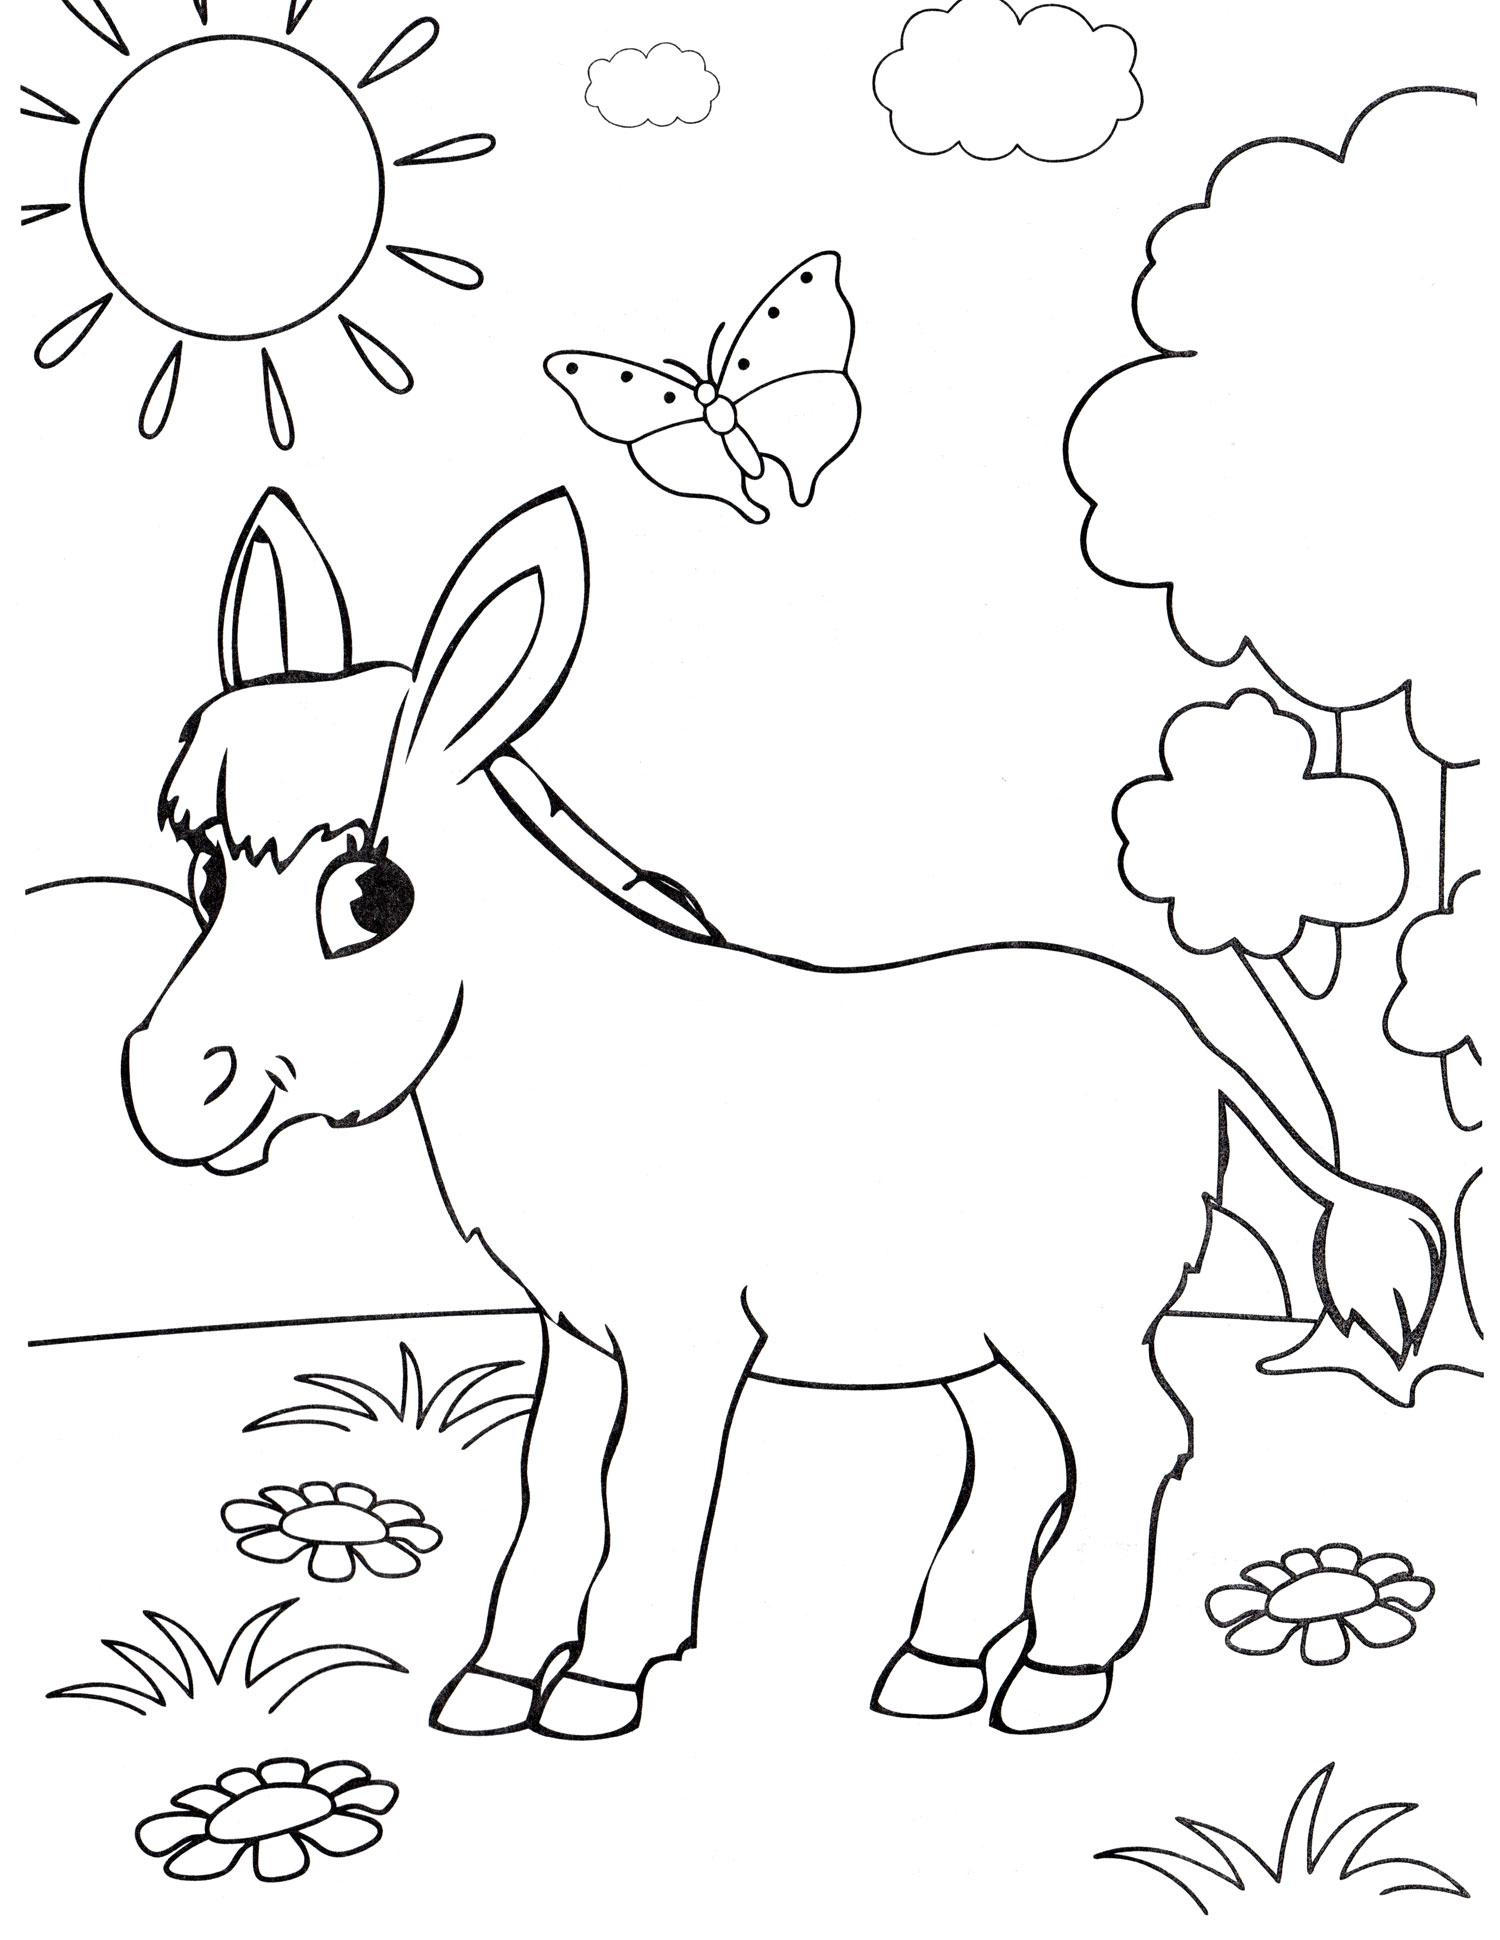 Раскраска Милый ослик - распечатать бесплатно